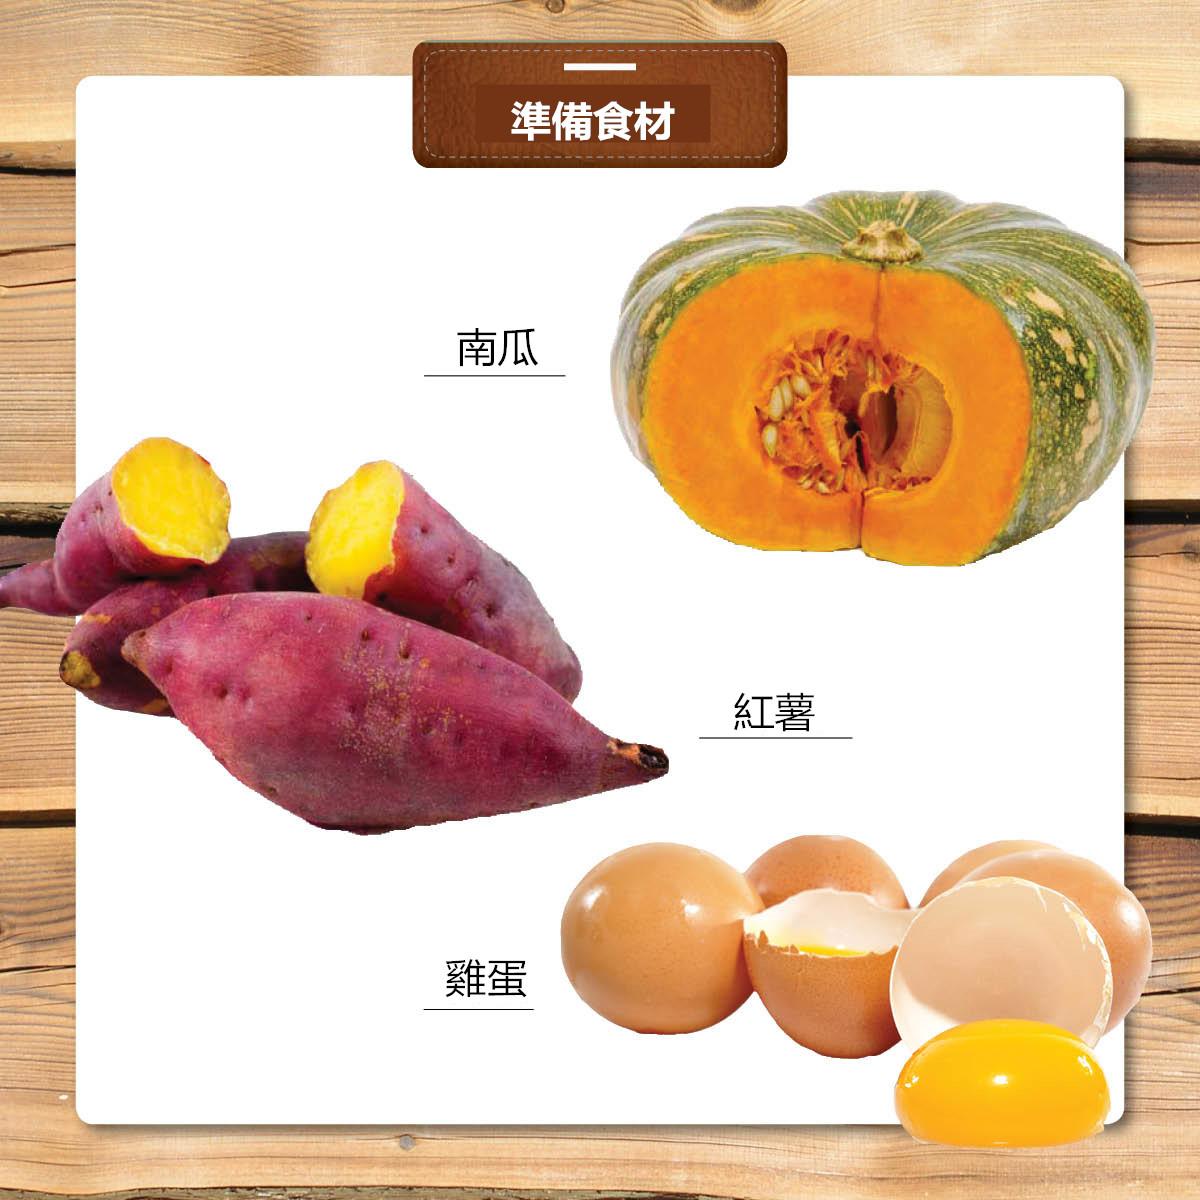 把準備好的南瓜和紅薯先煮熟,雞蛋的蛋黃和蛋清分離。